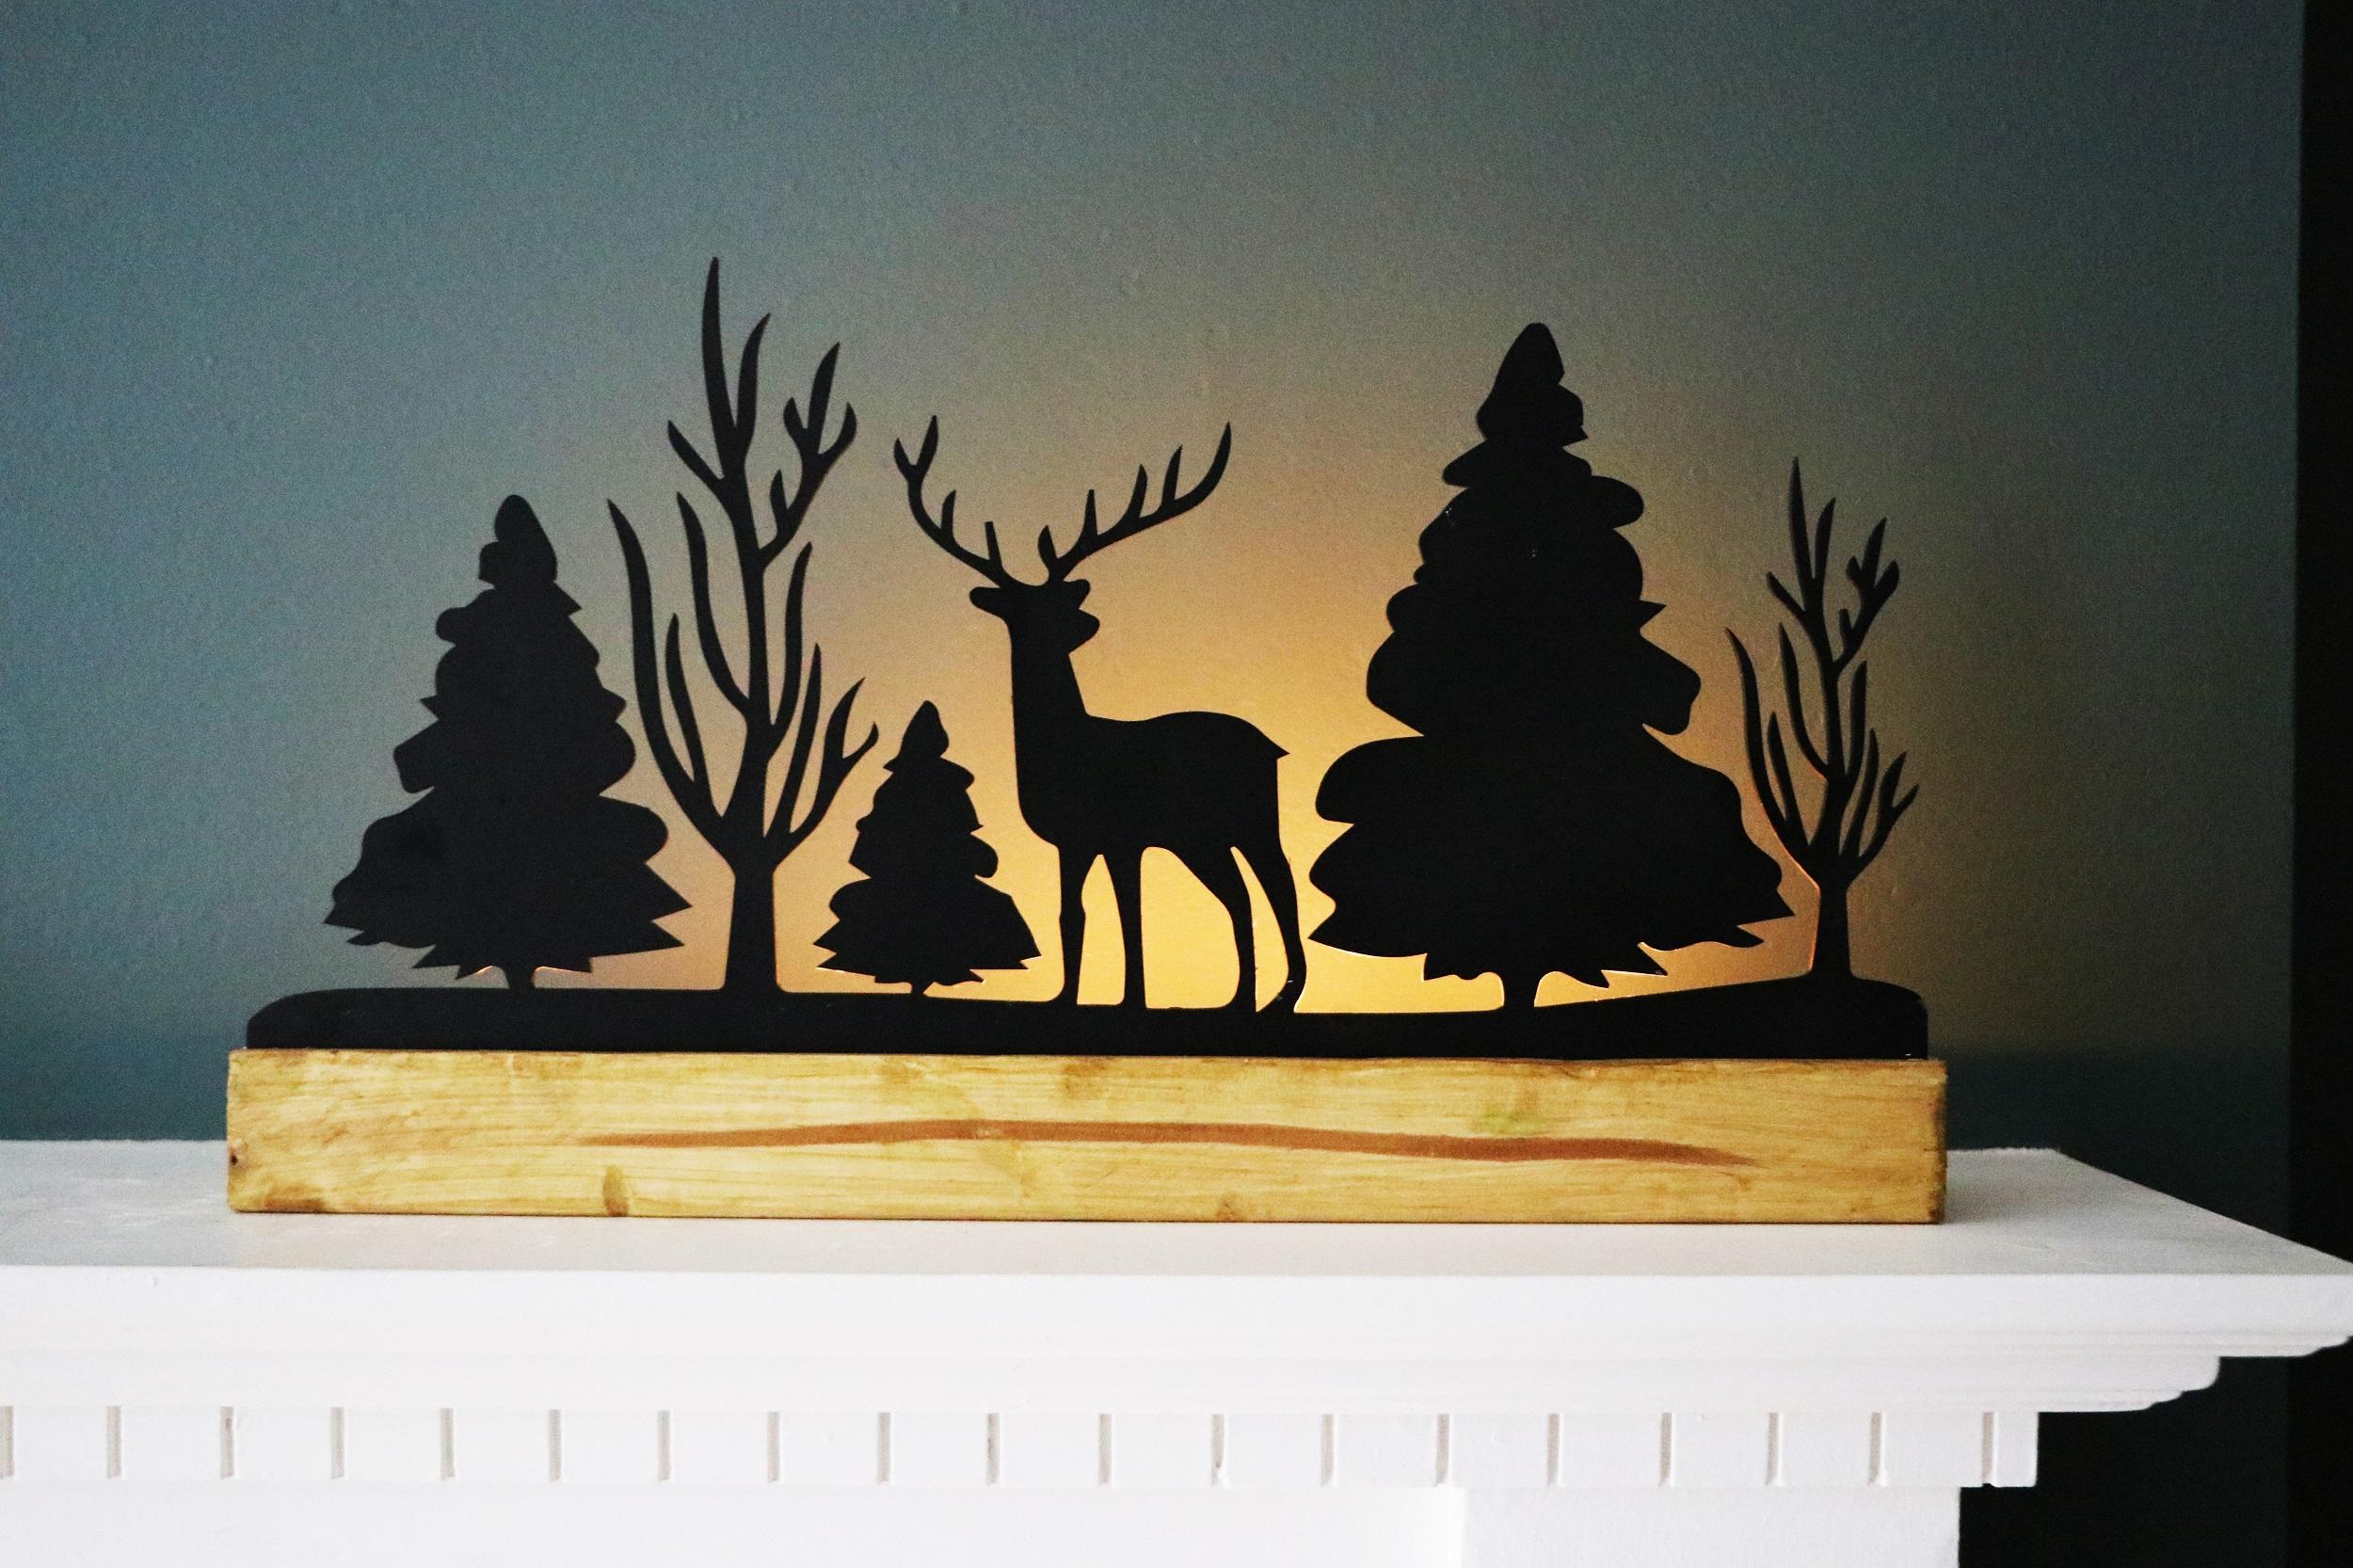 Candle Silhouette: Winter Scene